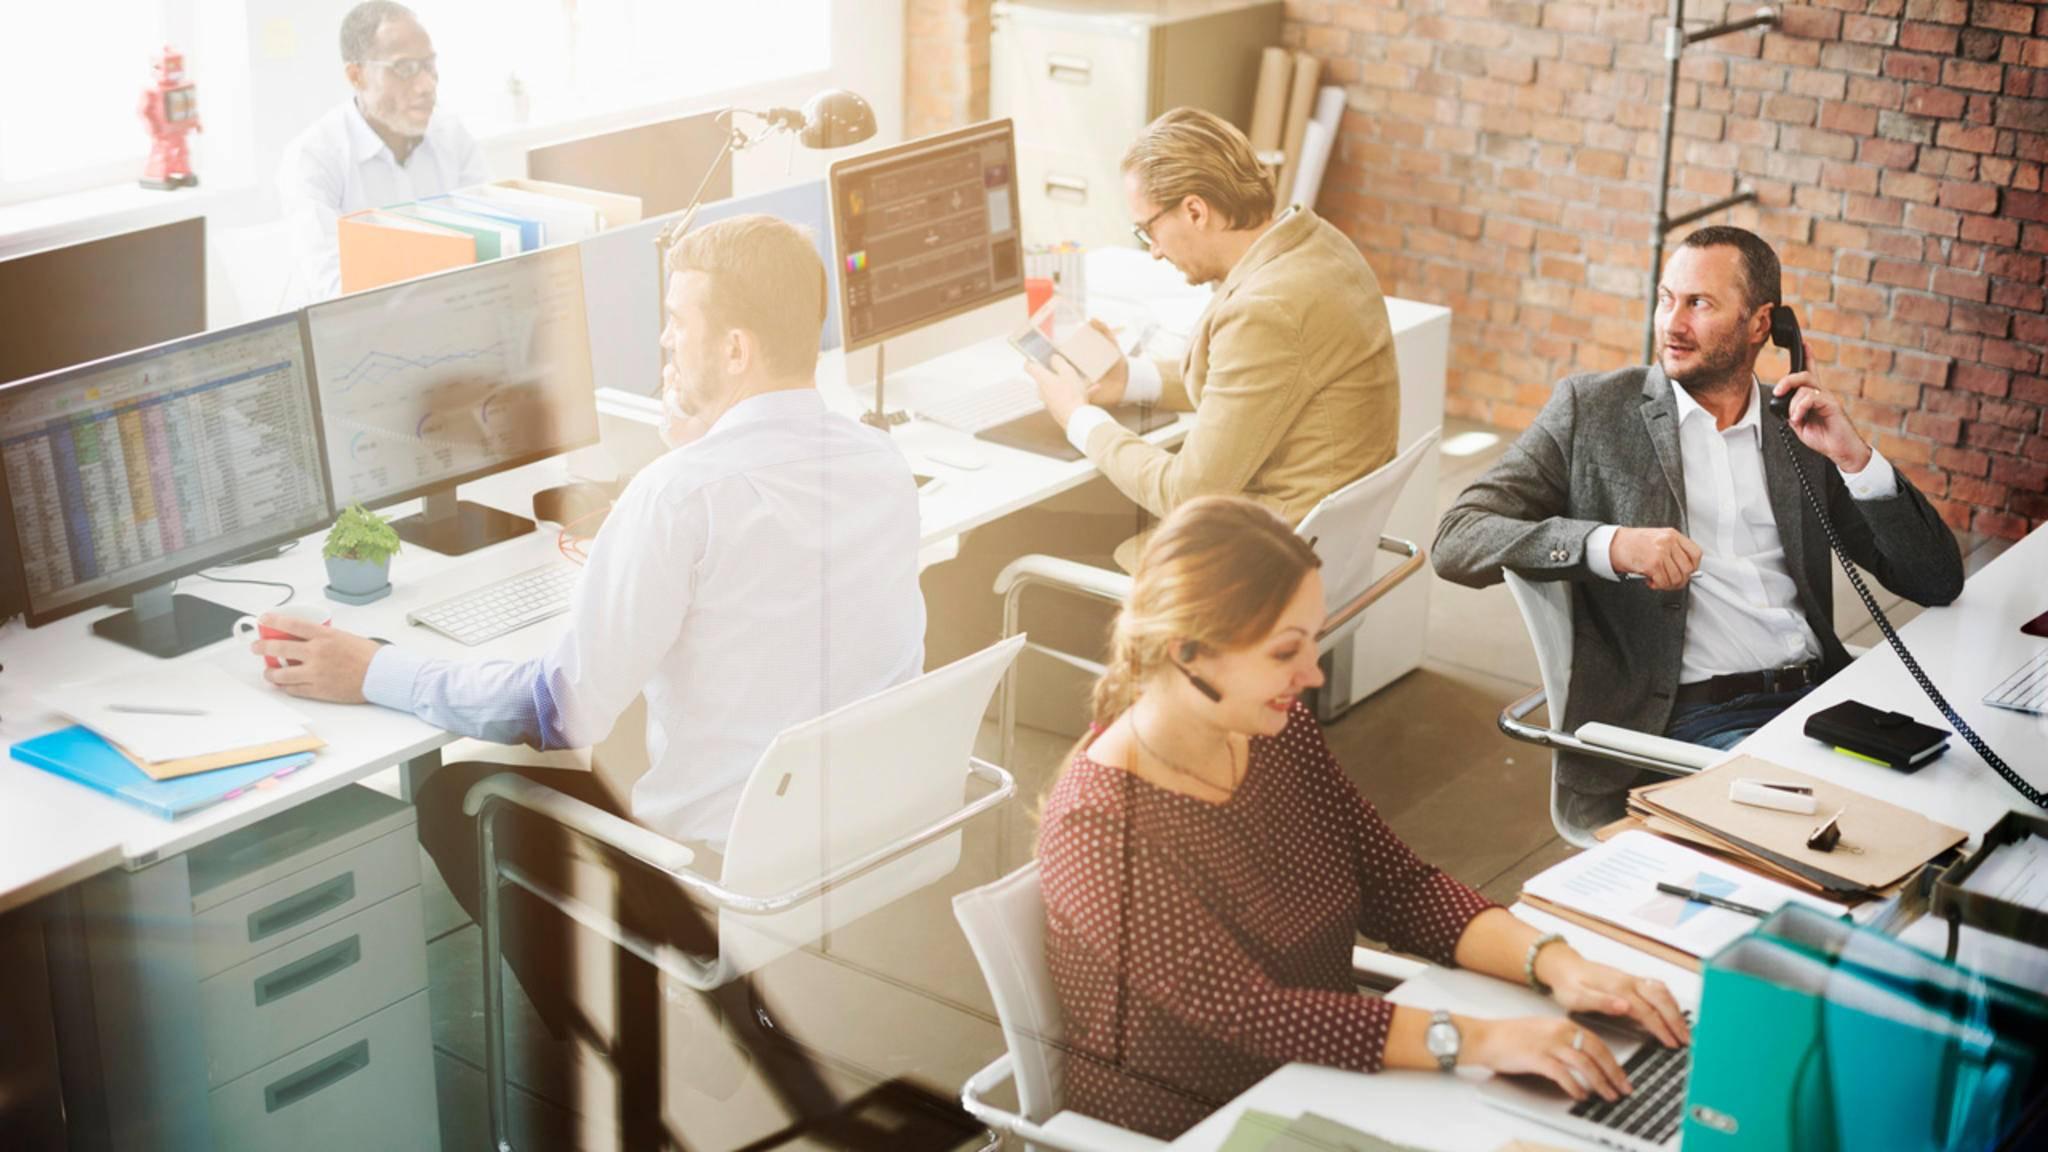 Mit fleißigen Nachbarn geht die Arbeit im Büro laut einer neuen Studie schneller voran.